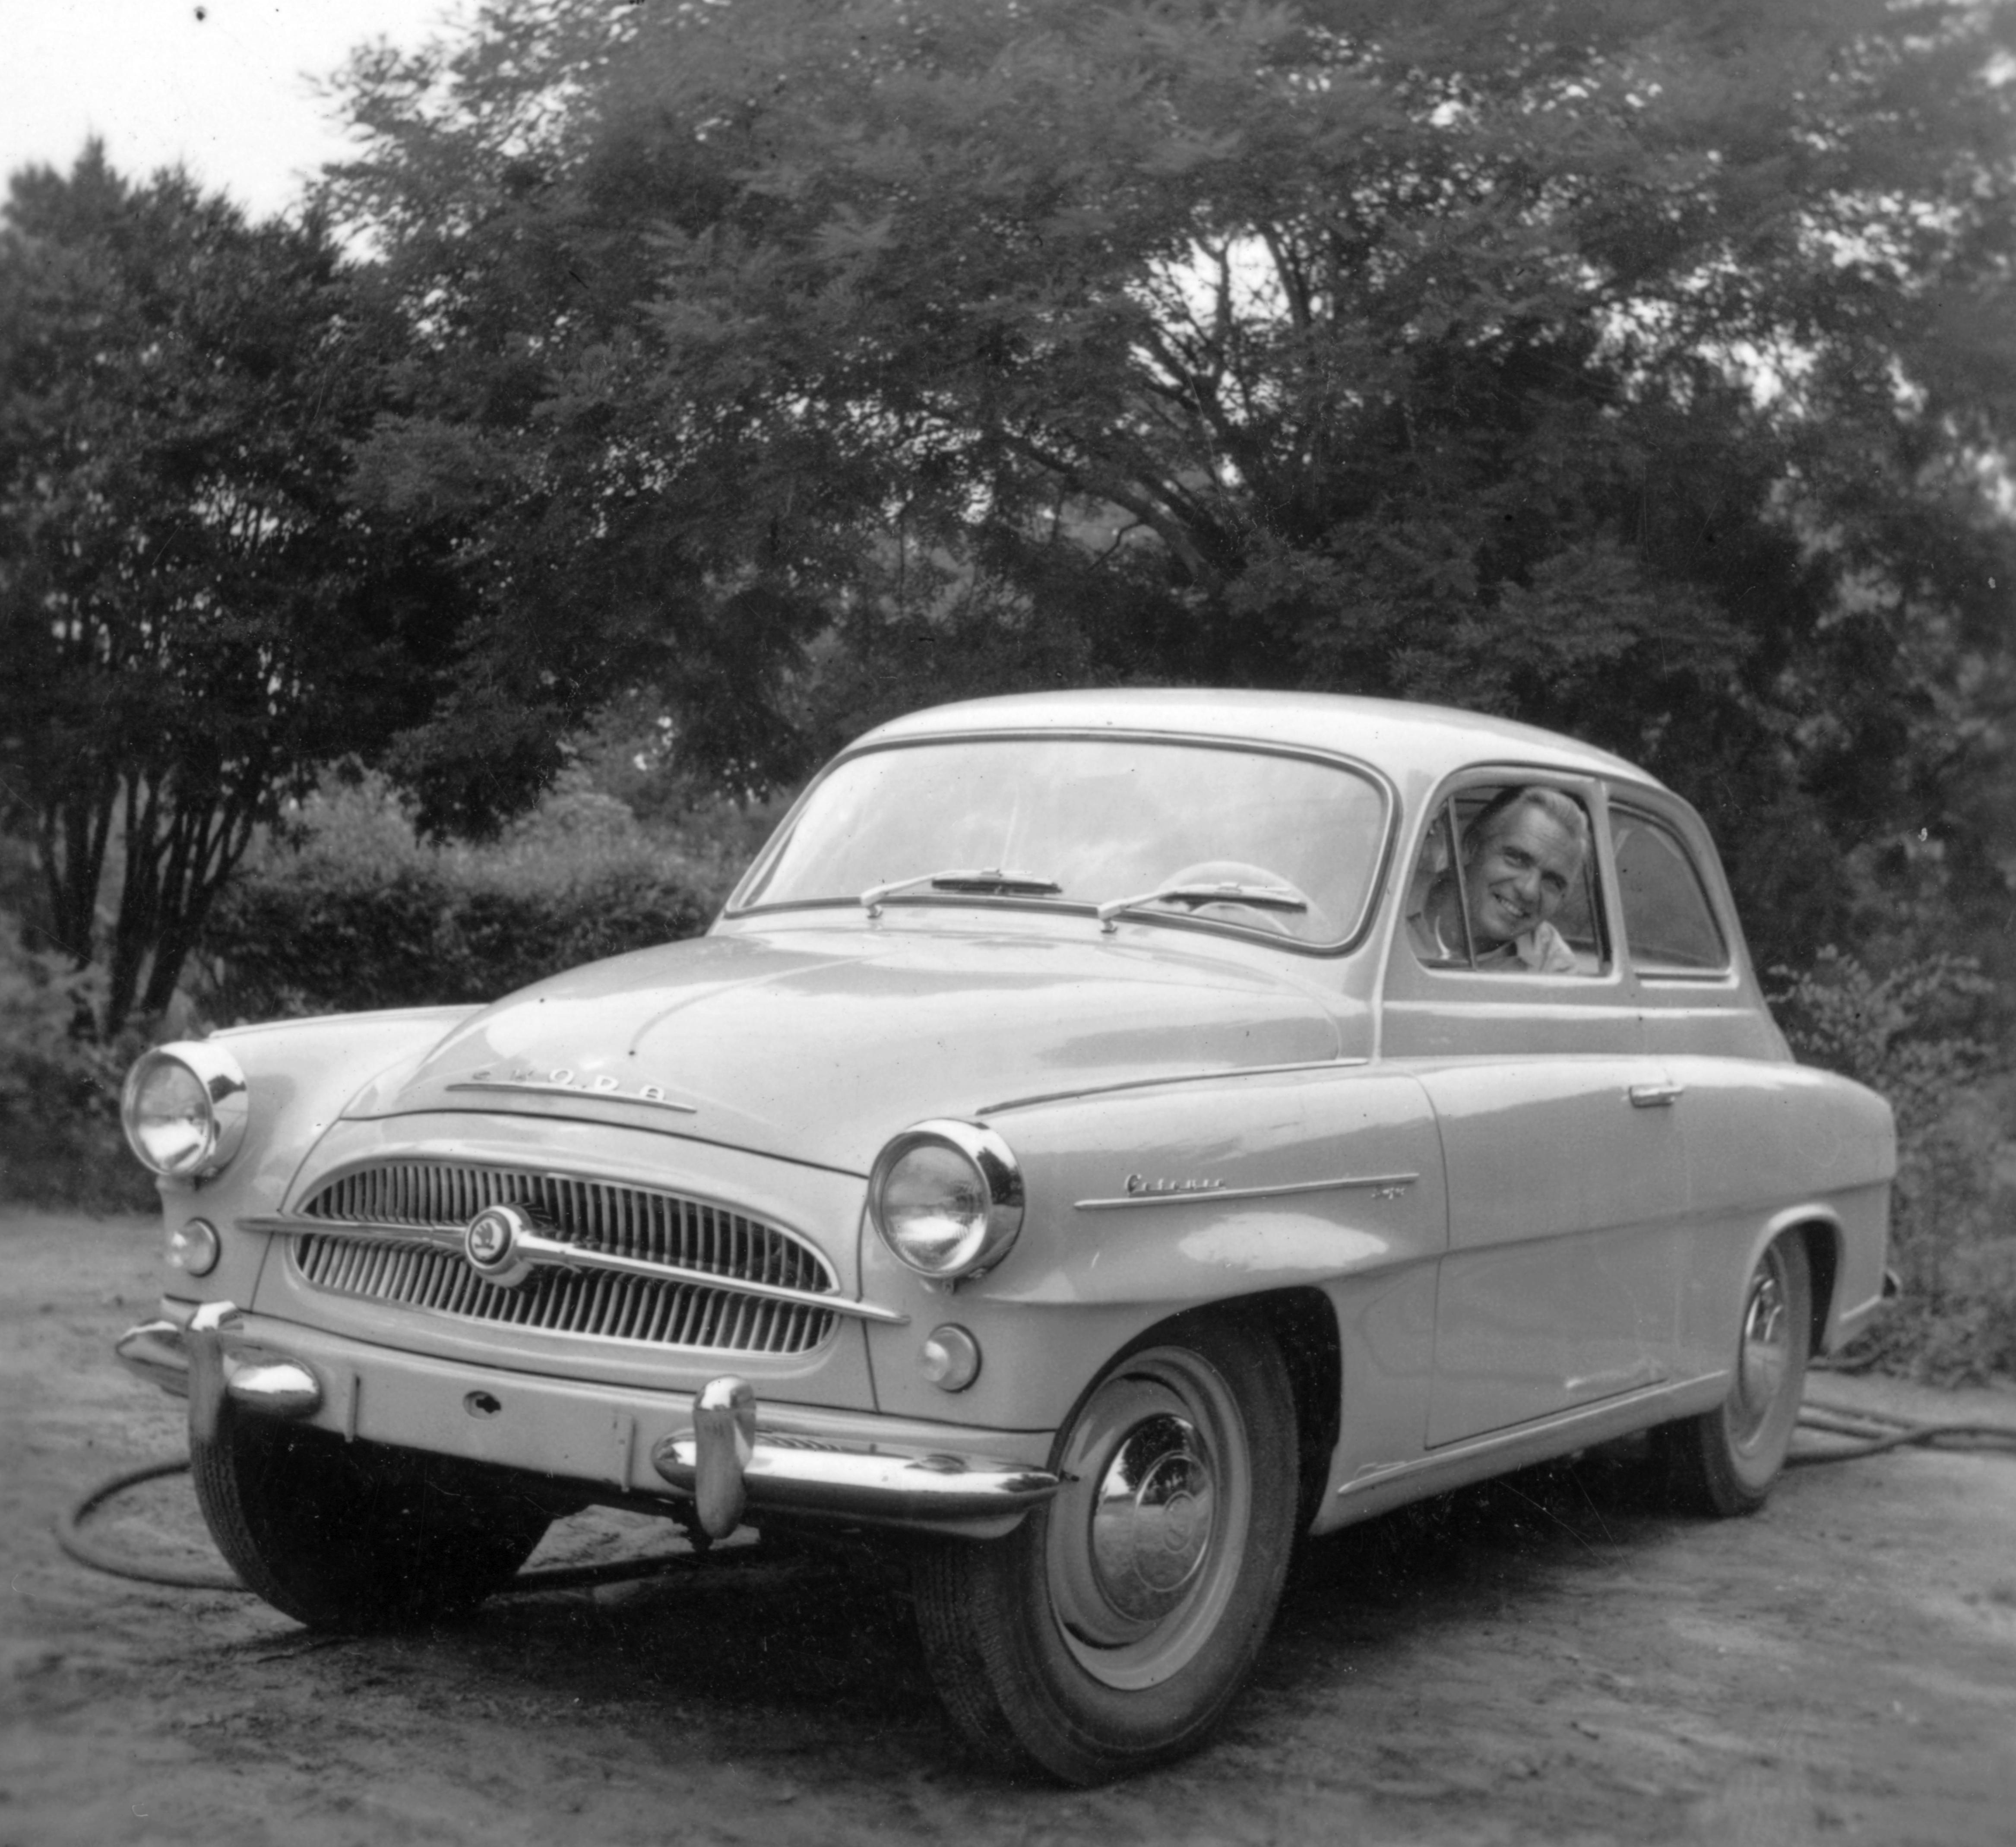 Milyen ragadványnevet kapott a képen látható autó?